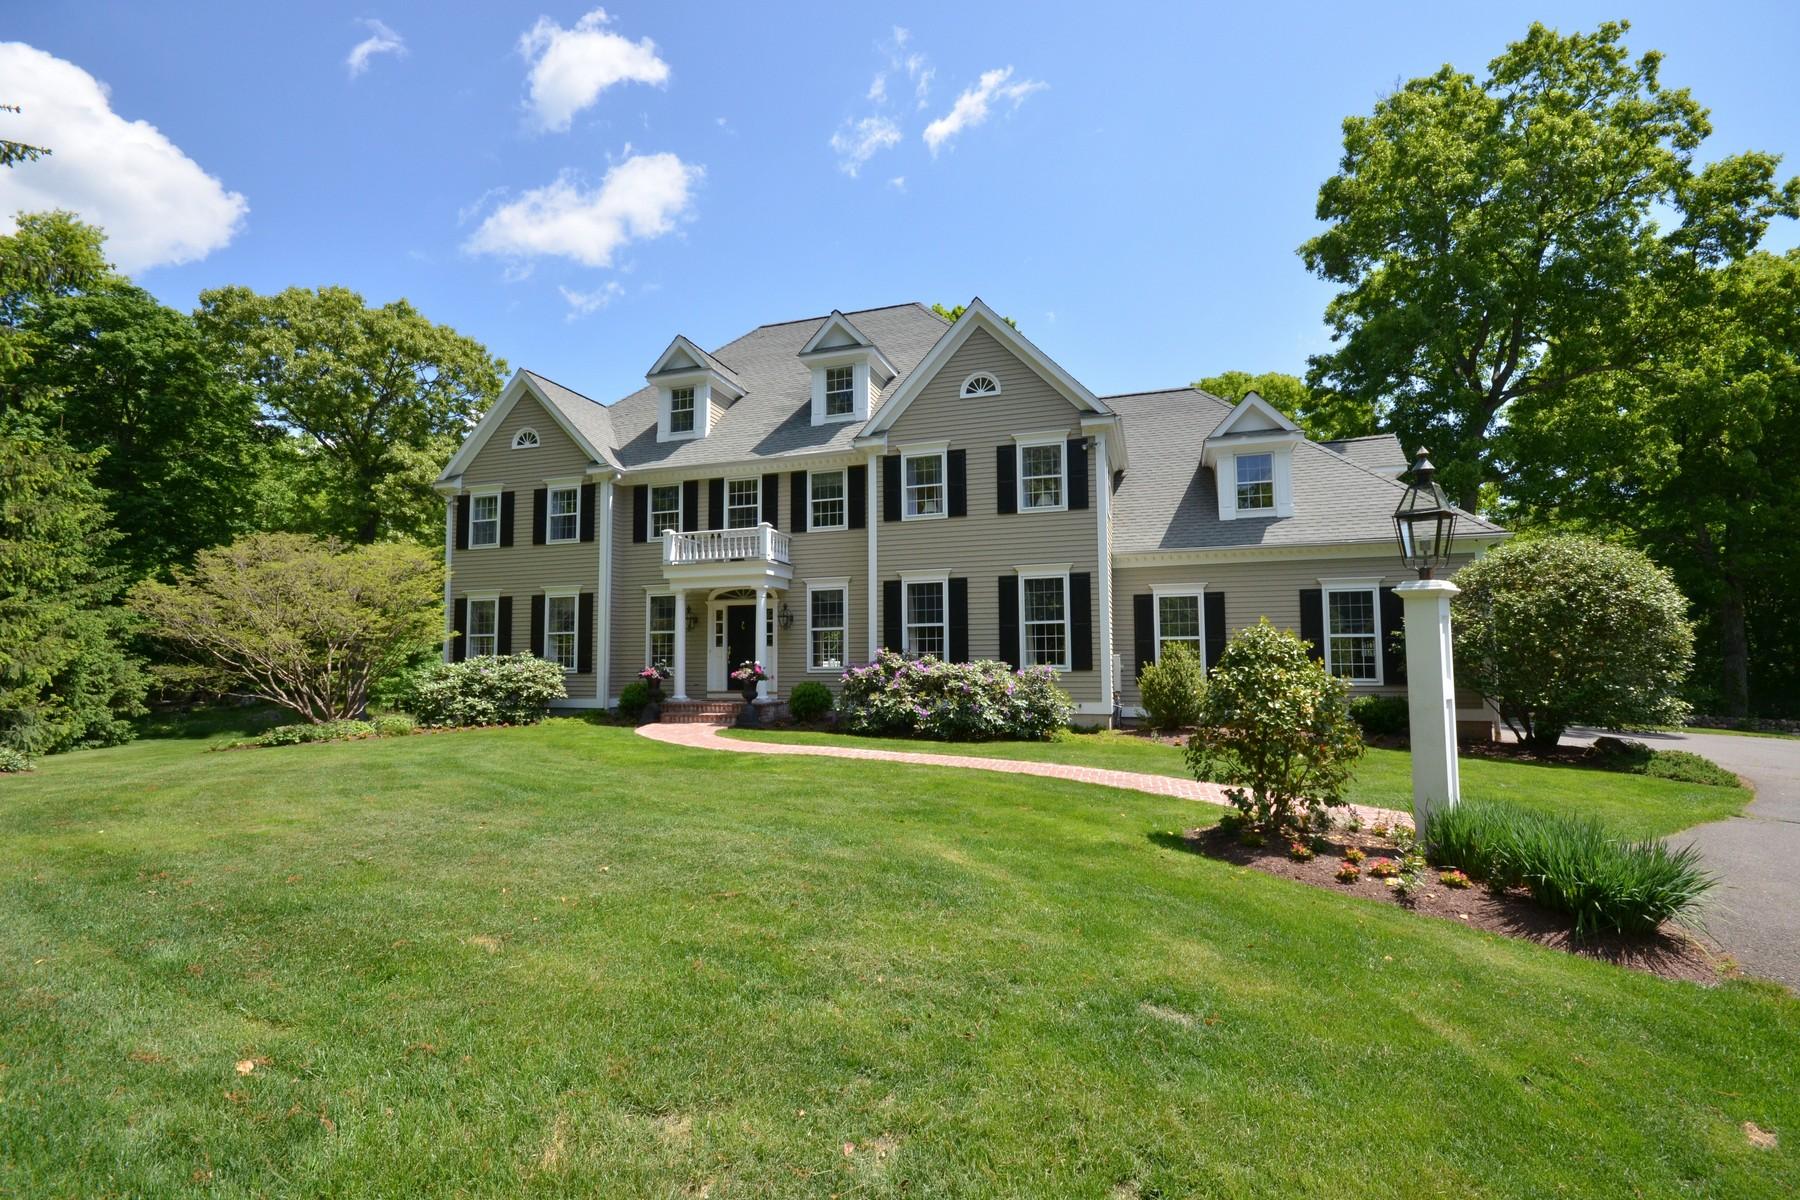 Maison unifamiliale pour l Vente à West Mountain Estates Colonial 48 Wild Turkey Court Ridgefield, Connecticut 06877 États-Unis